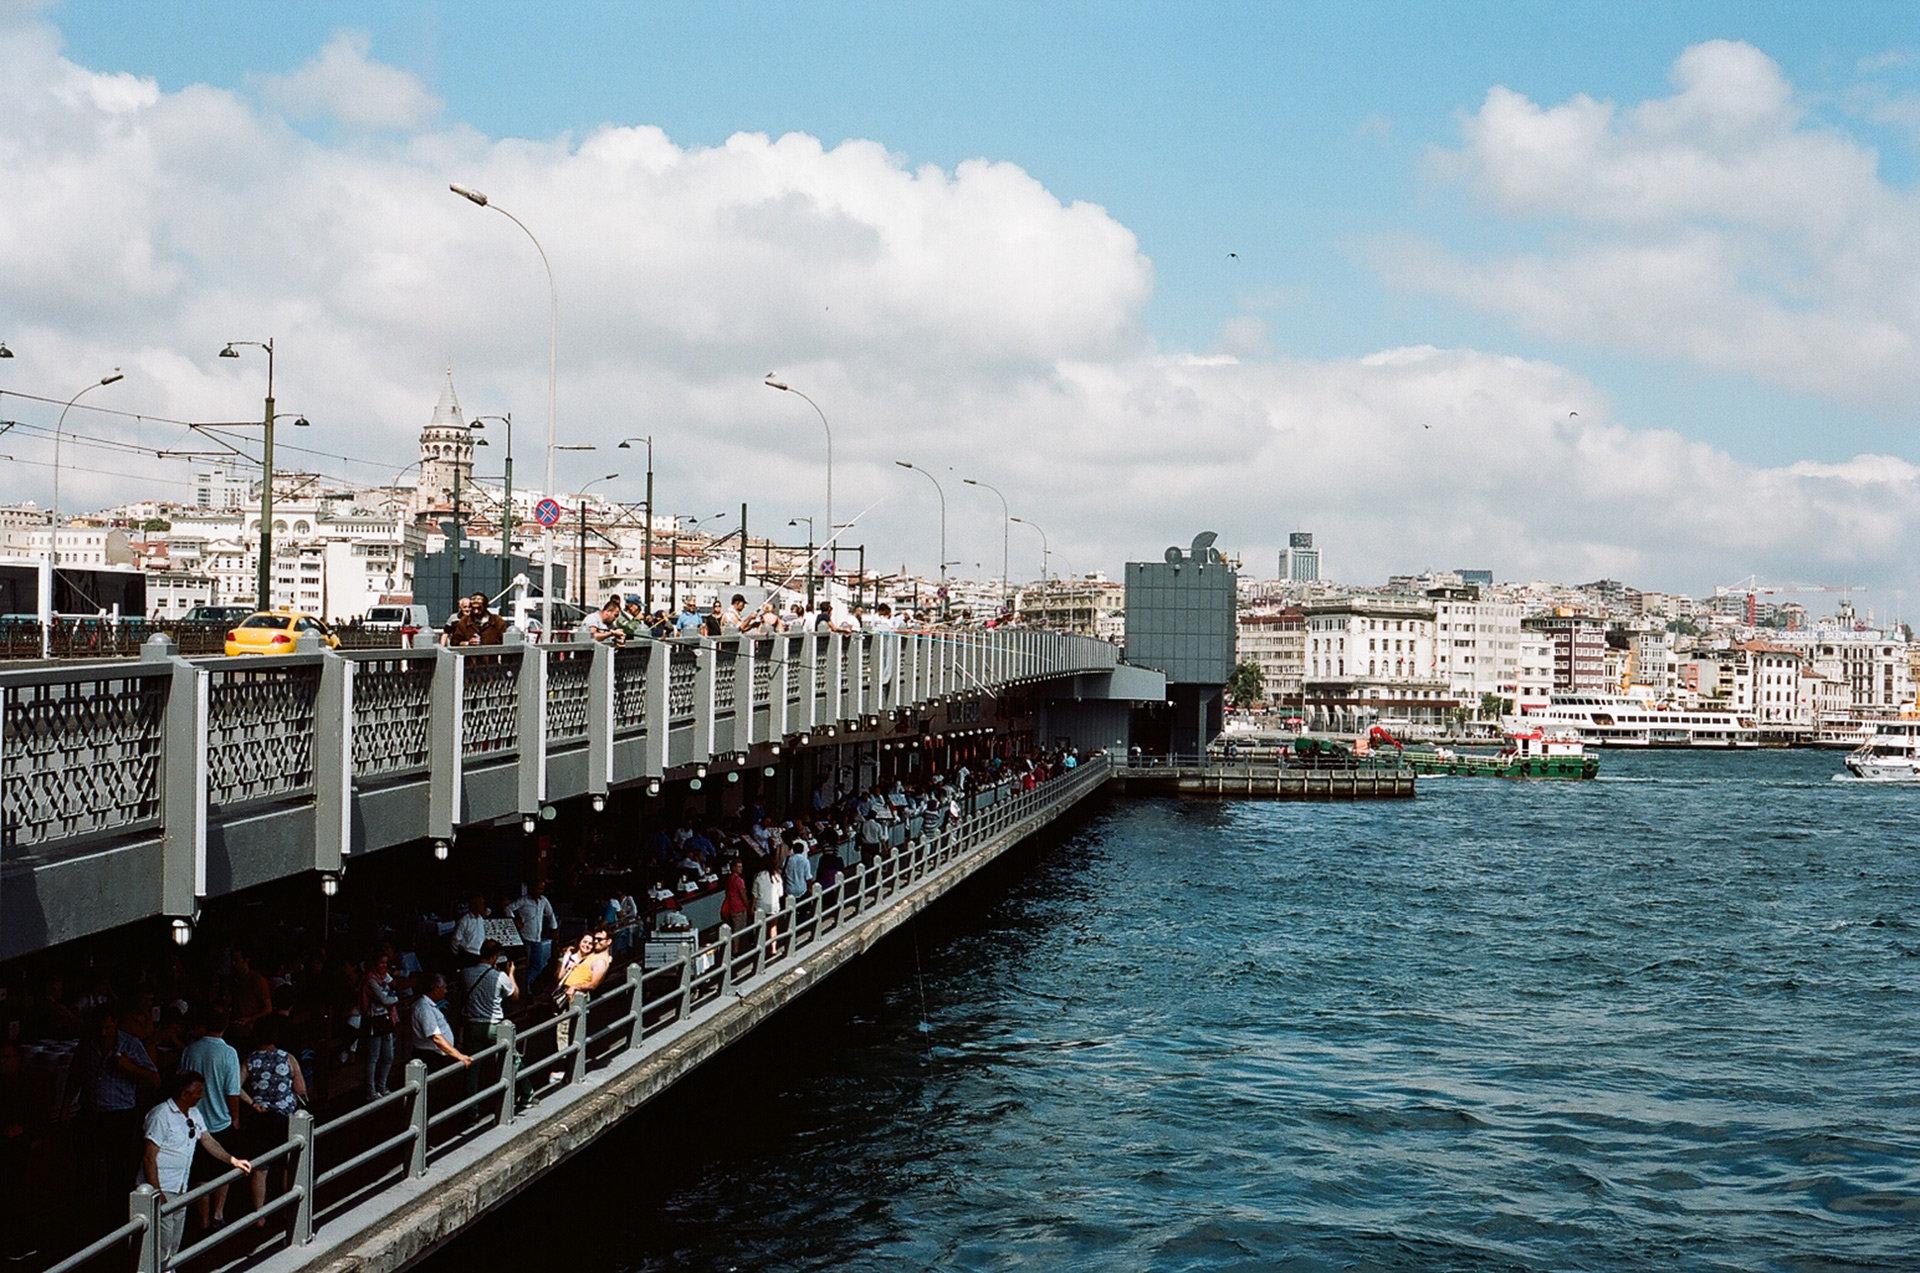 Brücke am Bosporus voller Menschen (Foto: Christian Werner)